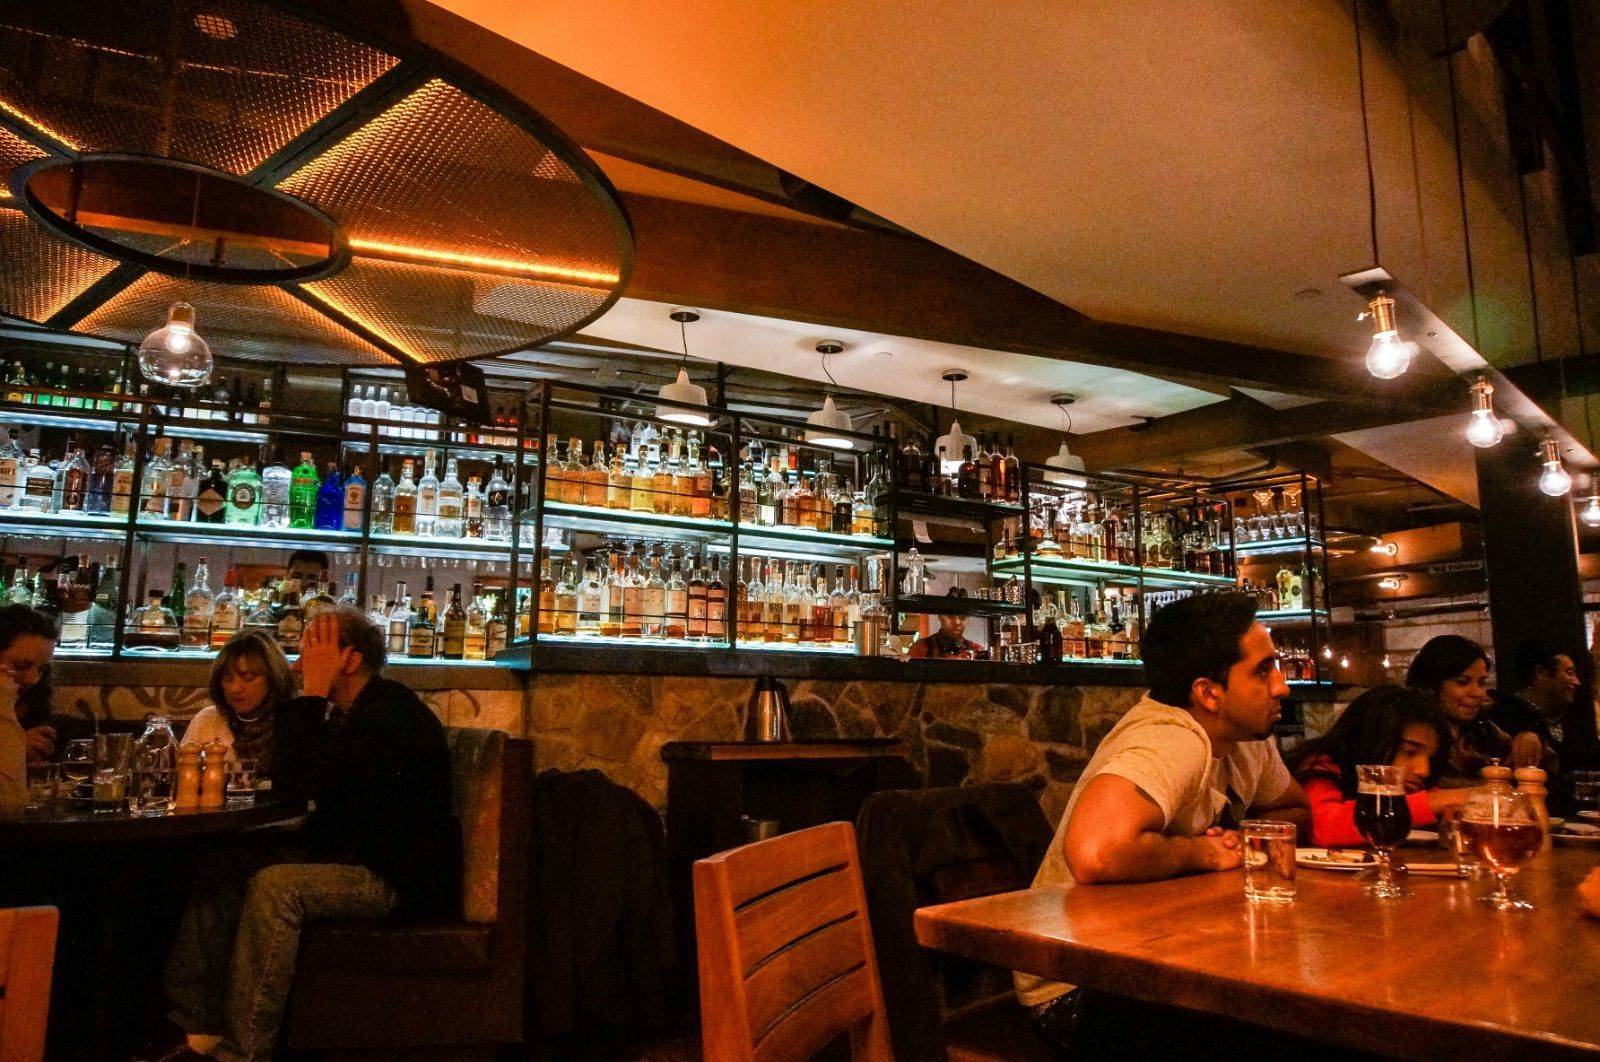 加盟一家晚局酒吧的加盟费用是?一般在10到20万之间